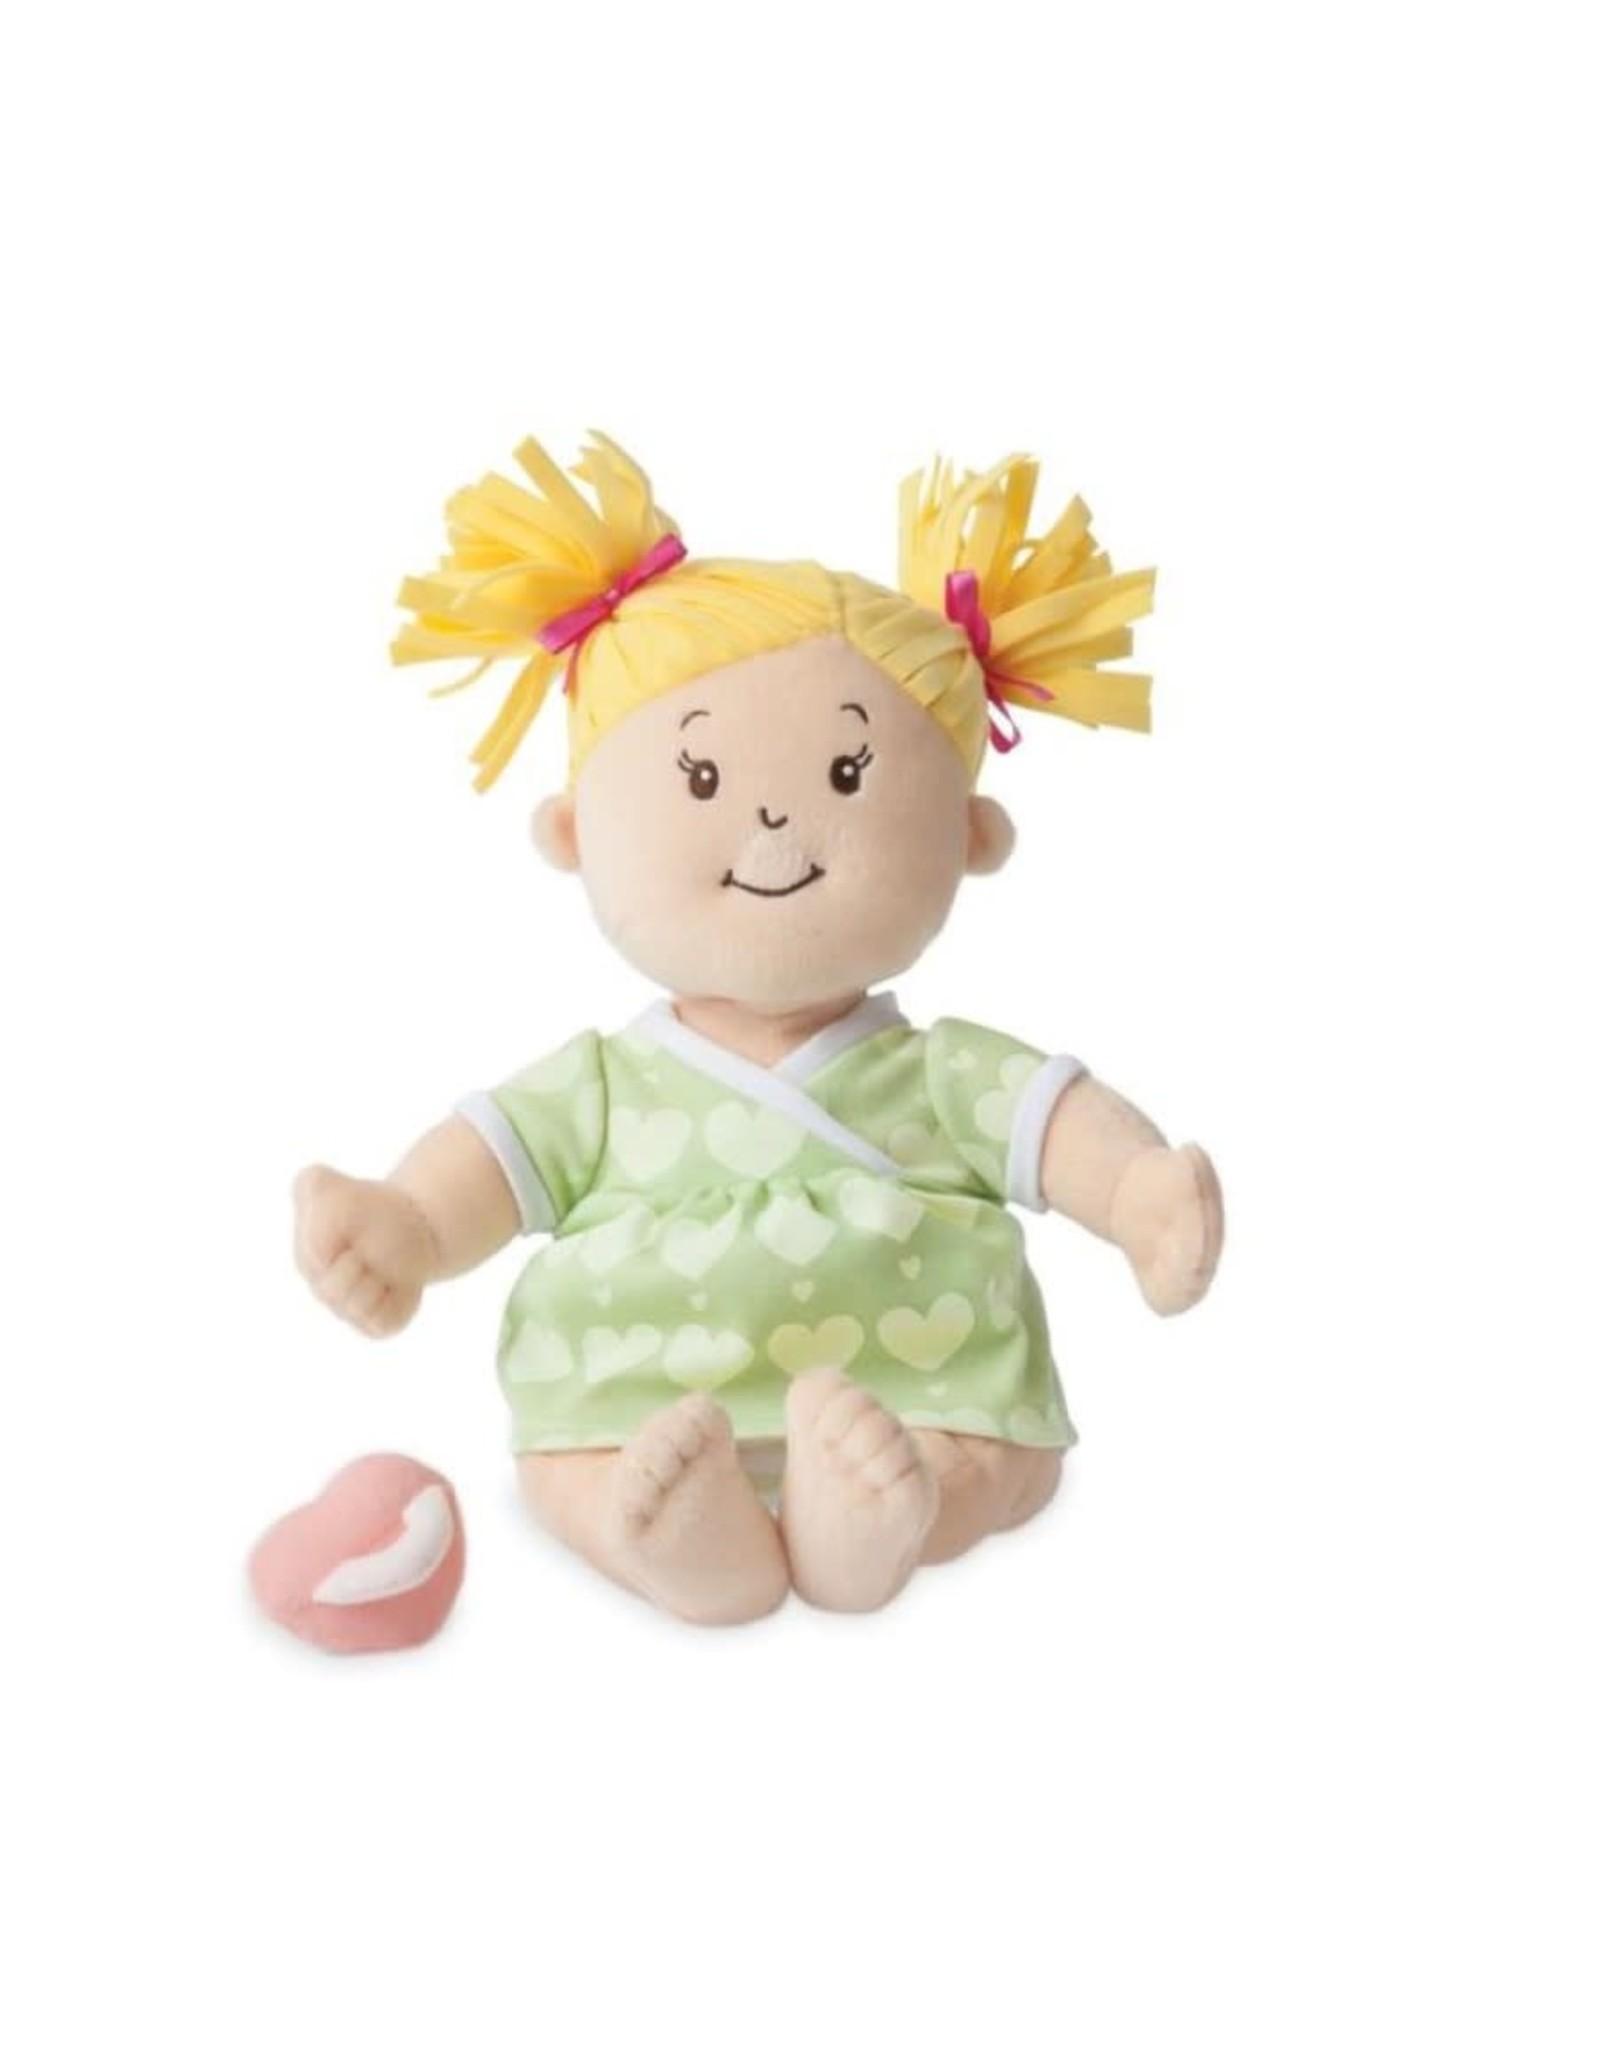 Manhattan Toy Baby Stella - Blonde Doll